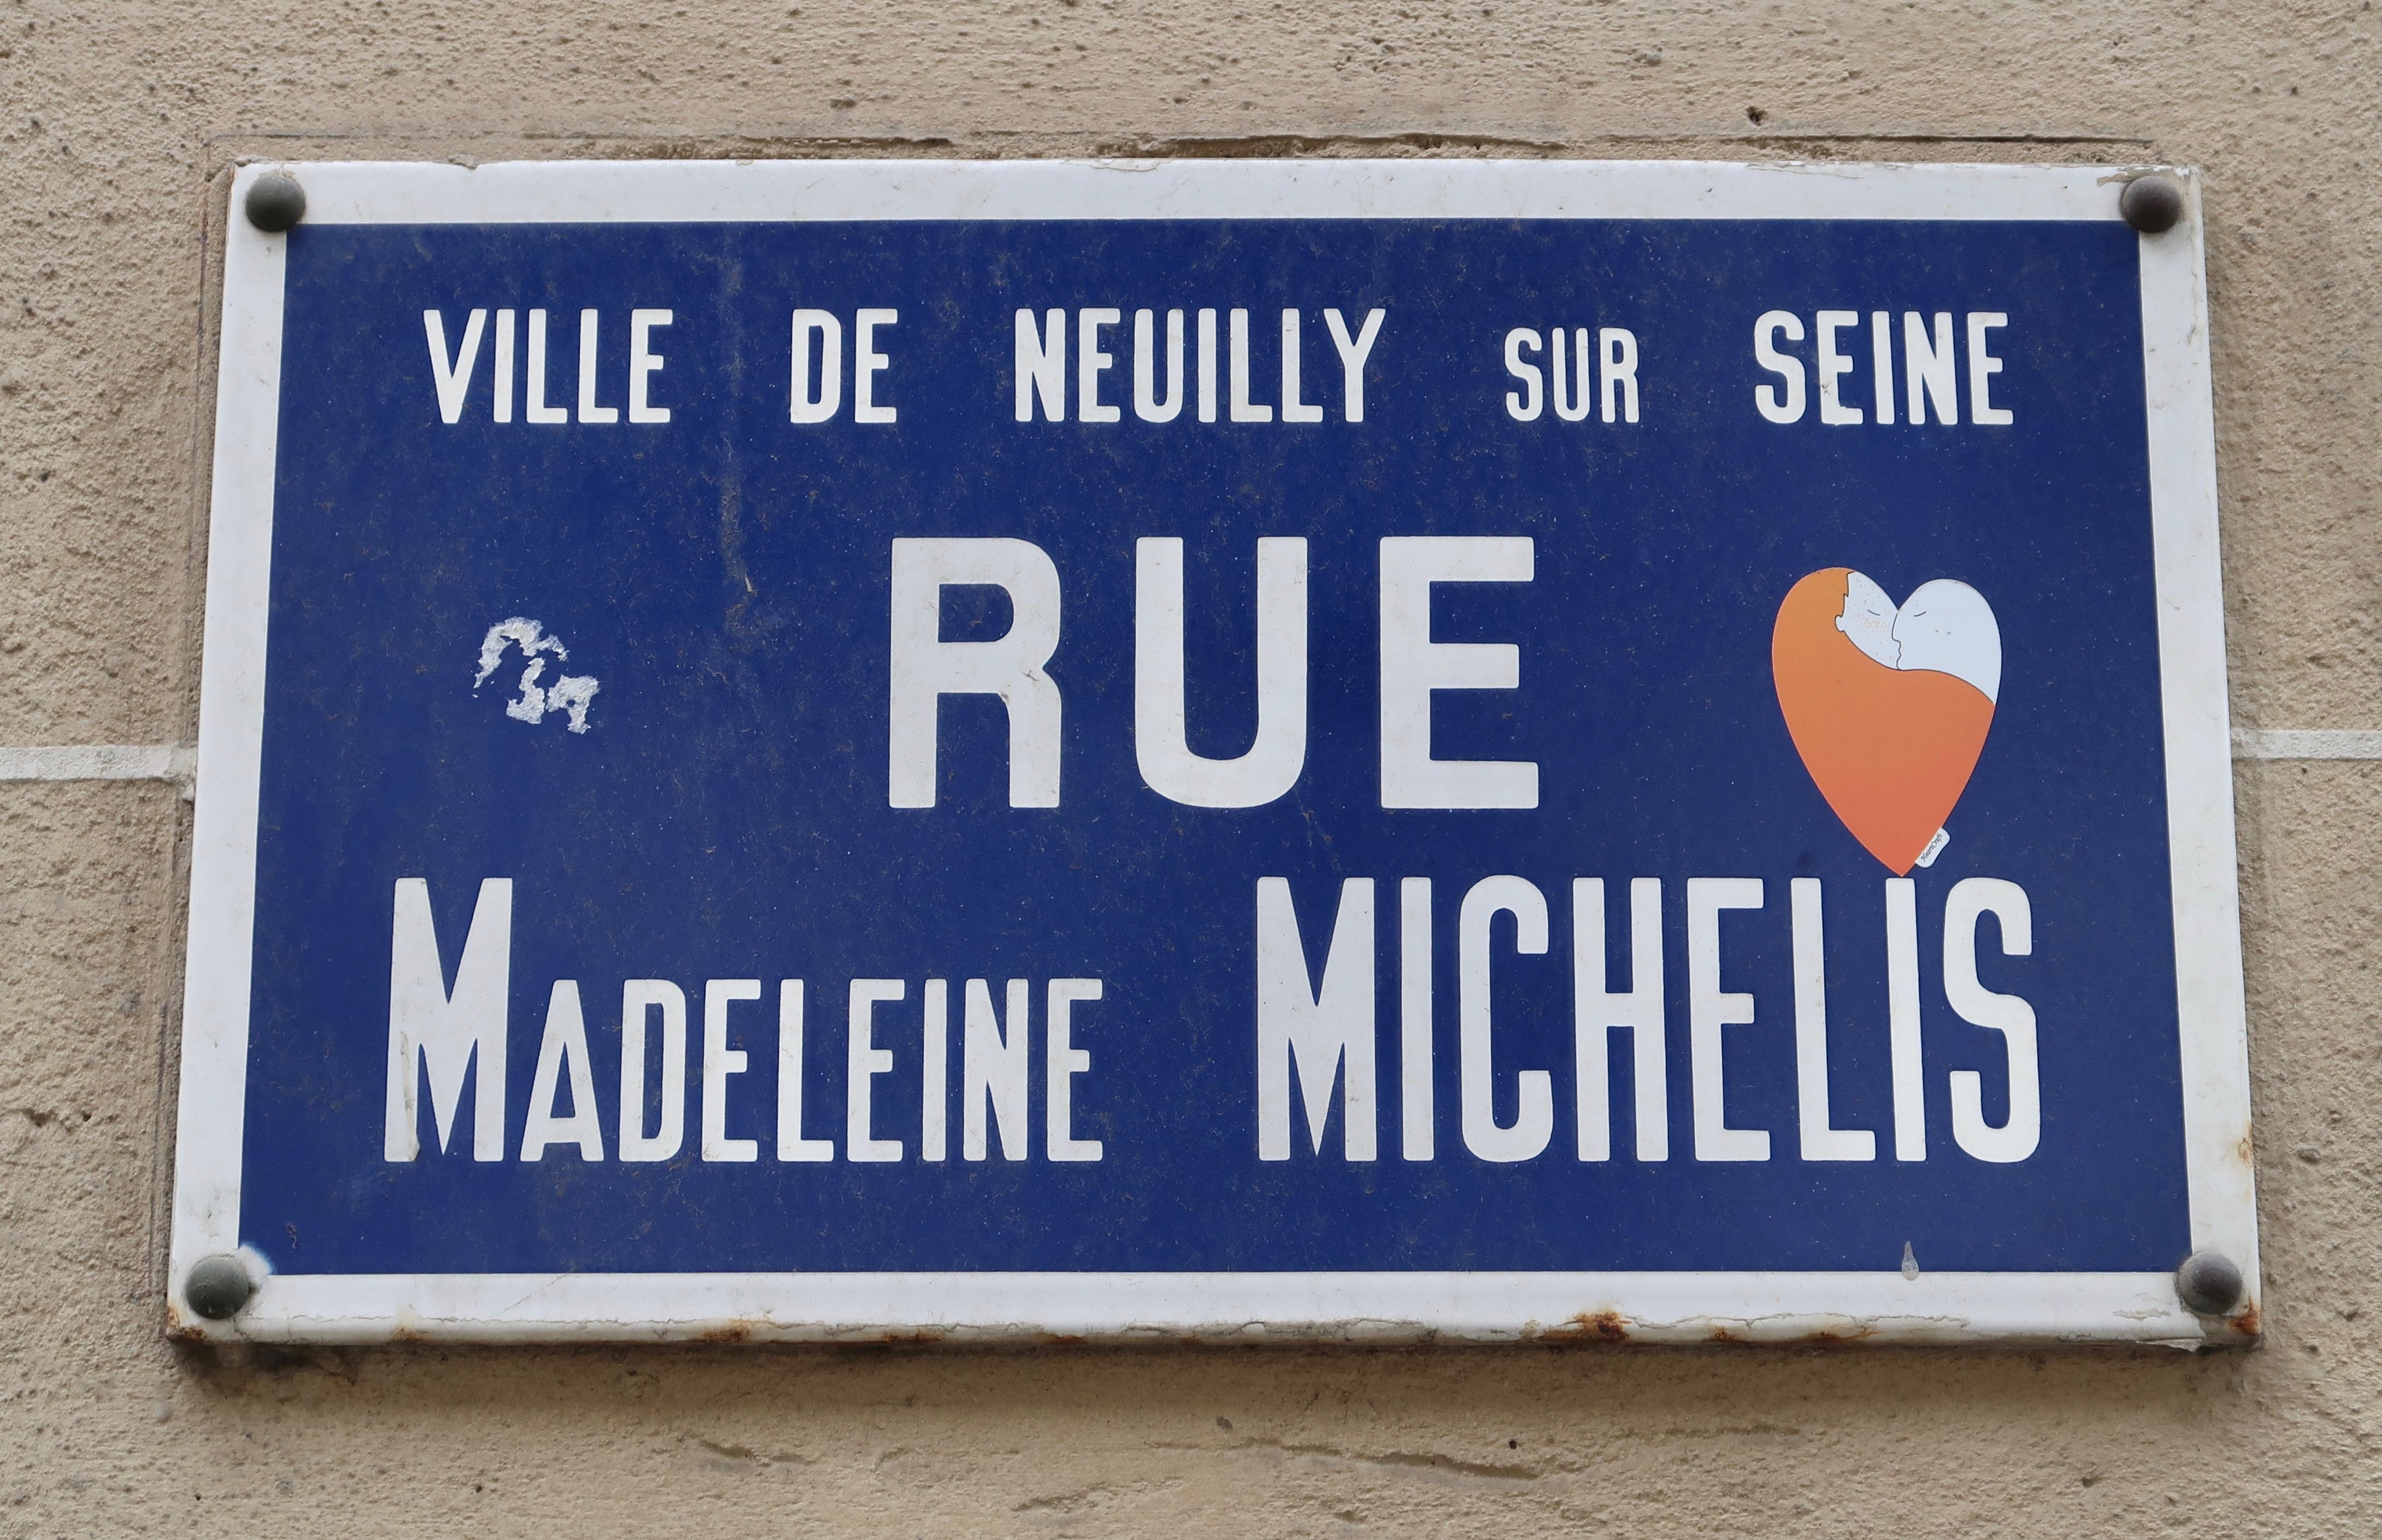 Rue Madeleine Michelis à Neuilly